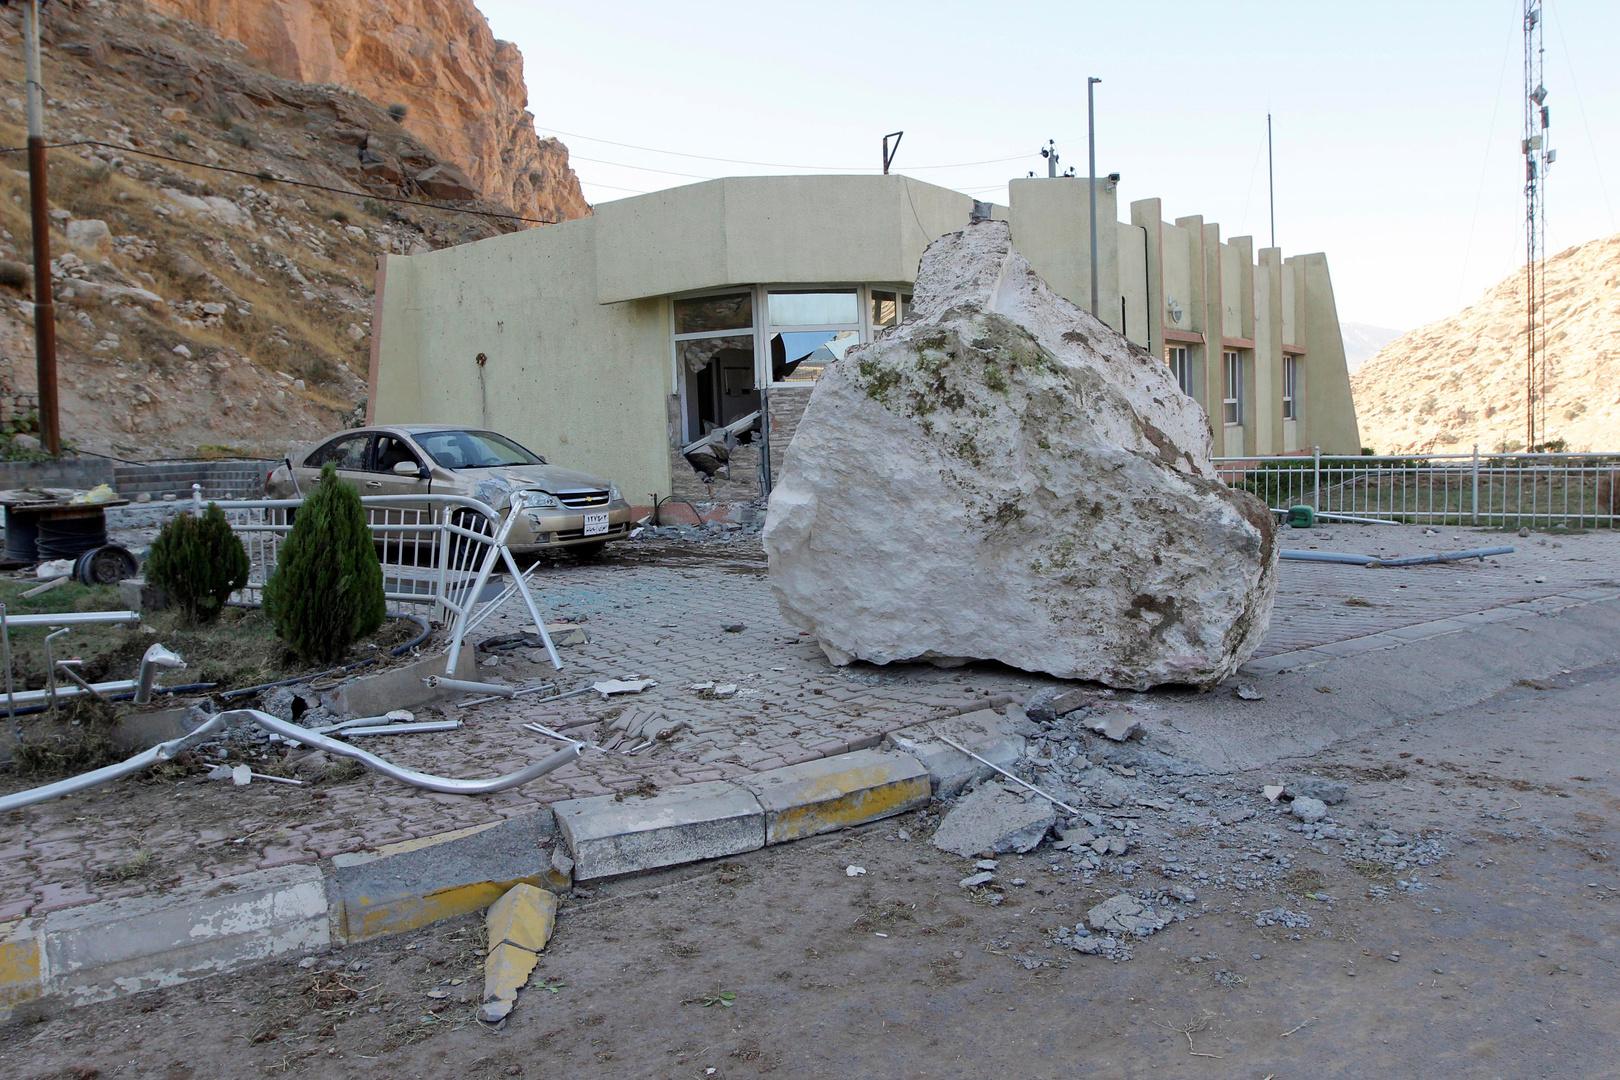 هزة أرضية بقوة 5.2 درجة على مقياس ريختر تضرب مدينة صالح آباد الإيرانية على حدود العراق